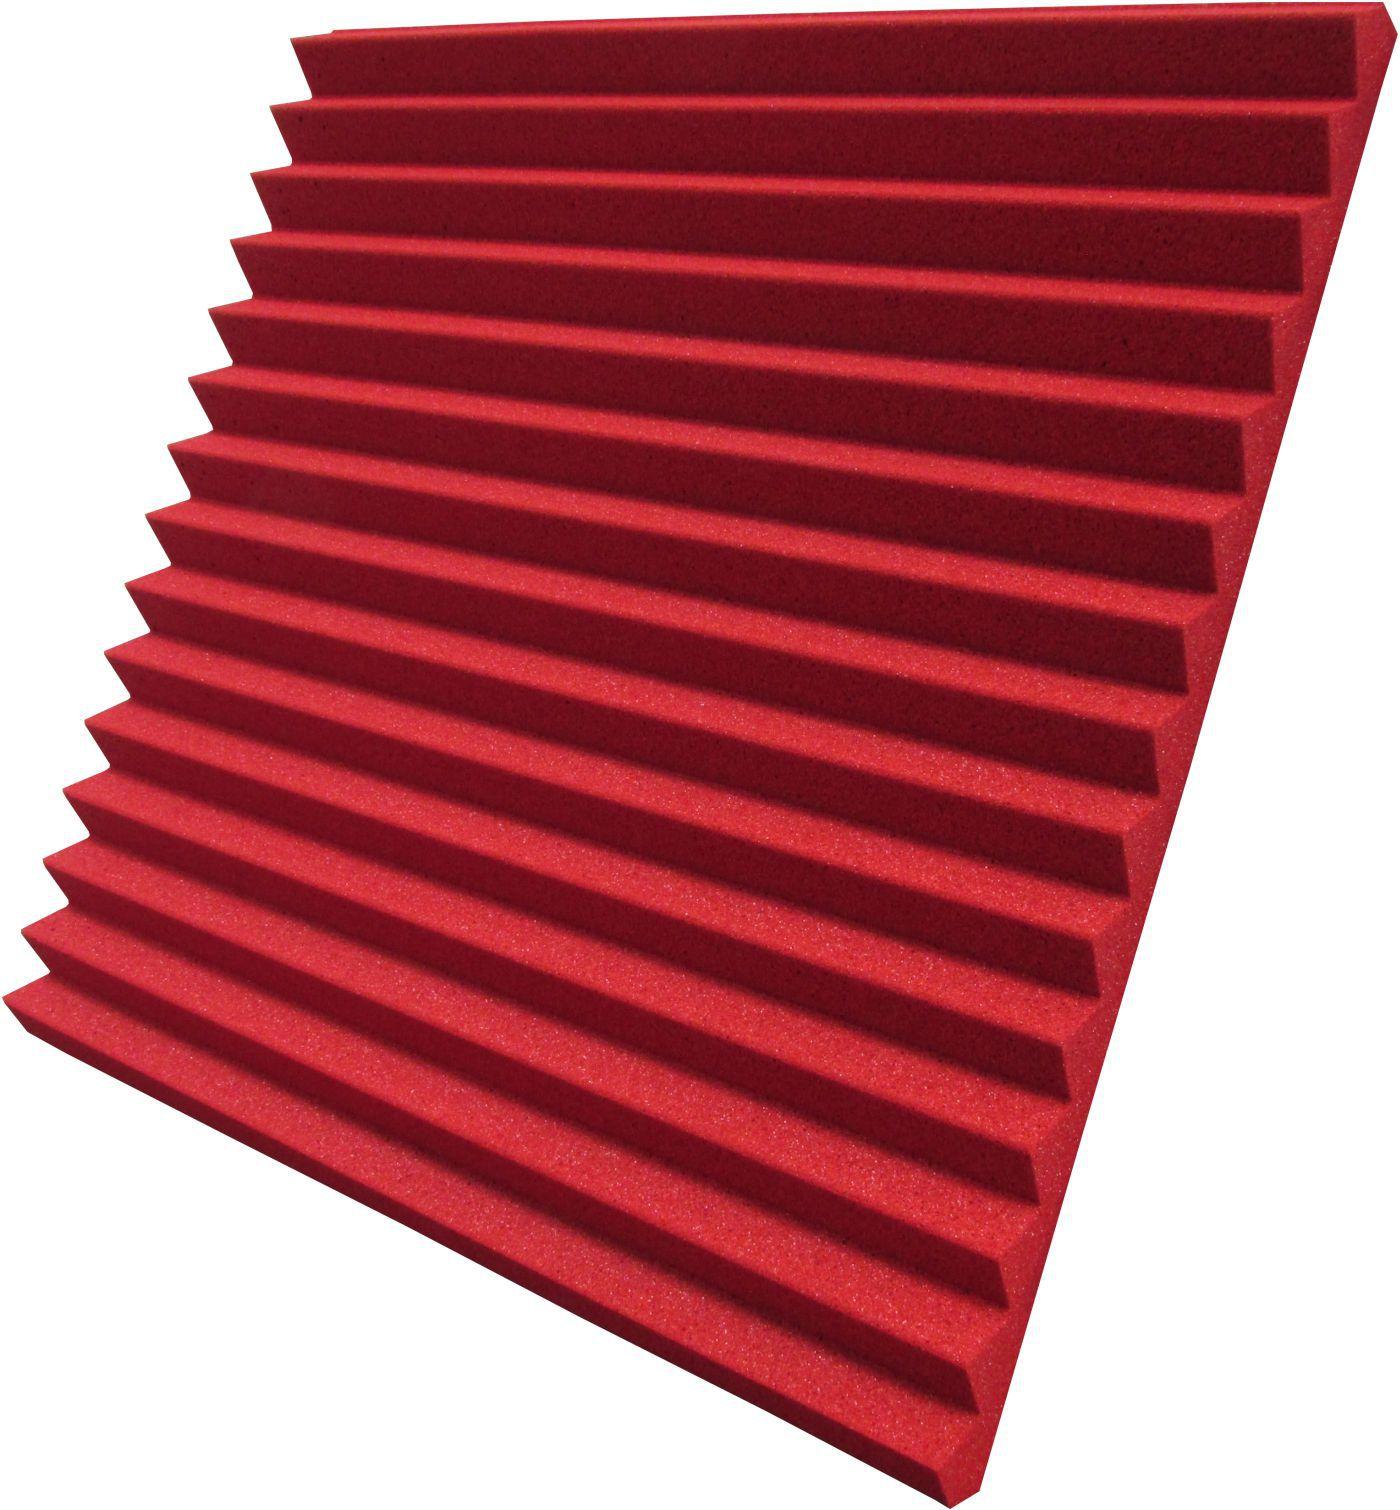 Espuma acústica REV - W2 - Vermelho - Kit 4 peças (1m²)  - Loja SPL Acústica